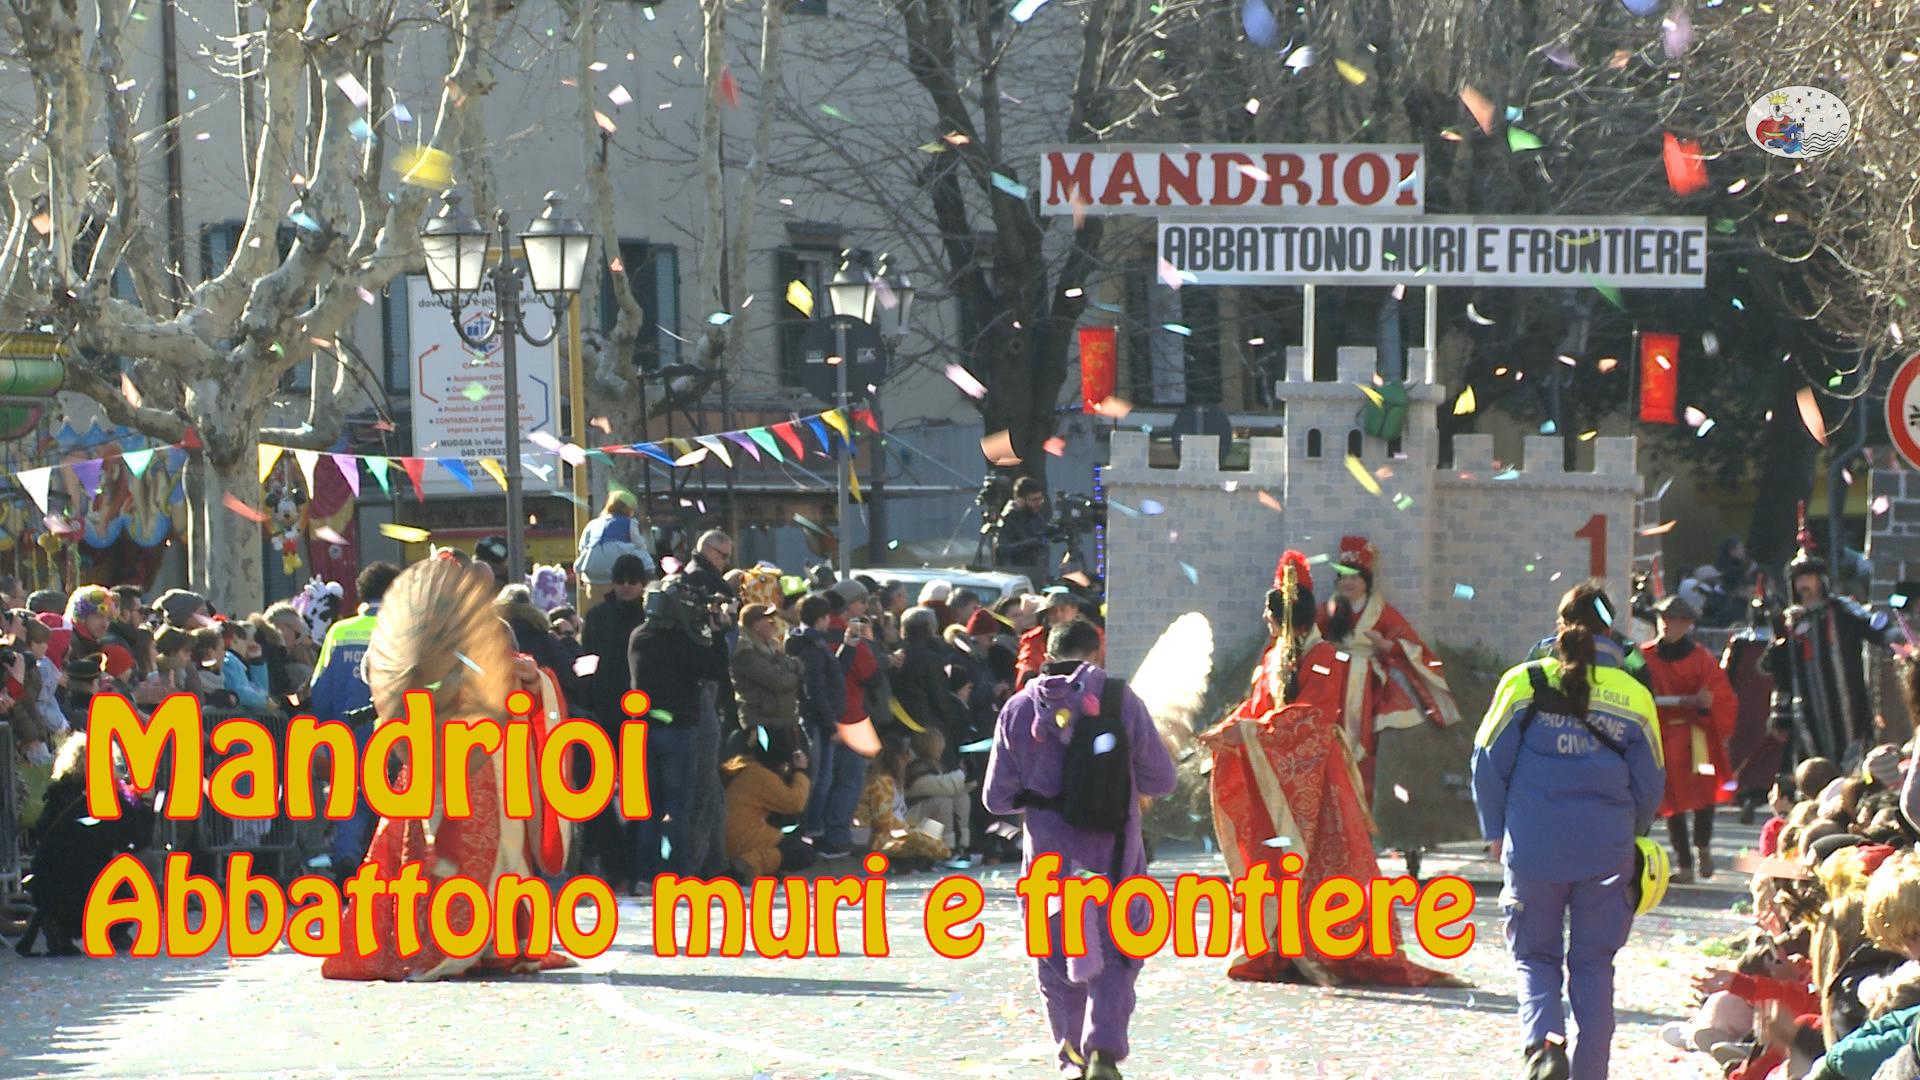 Mandrioi